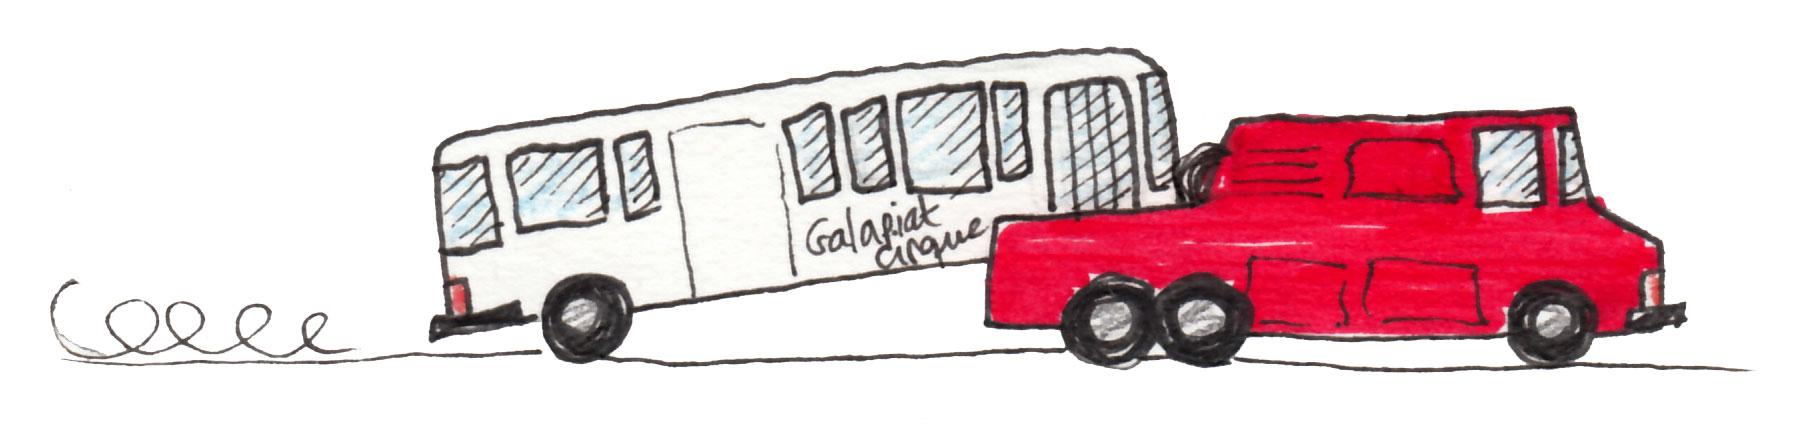 bus-remorquage